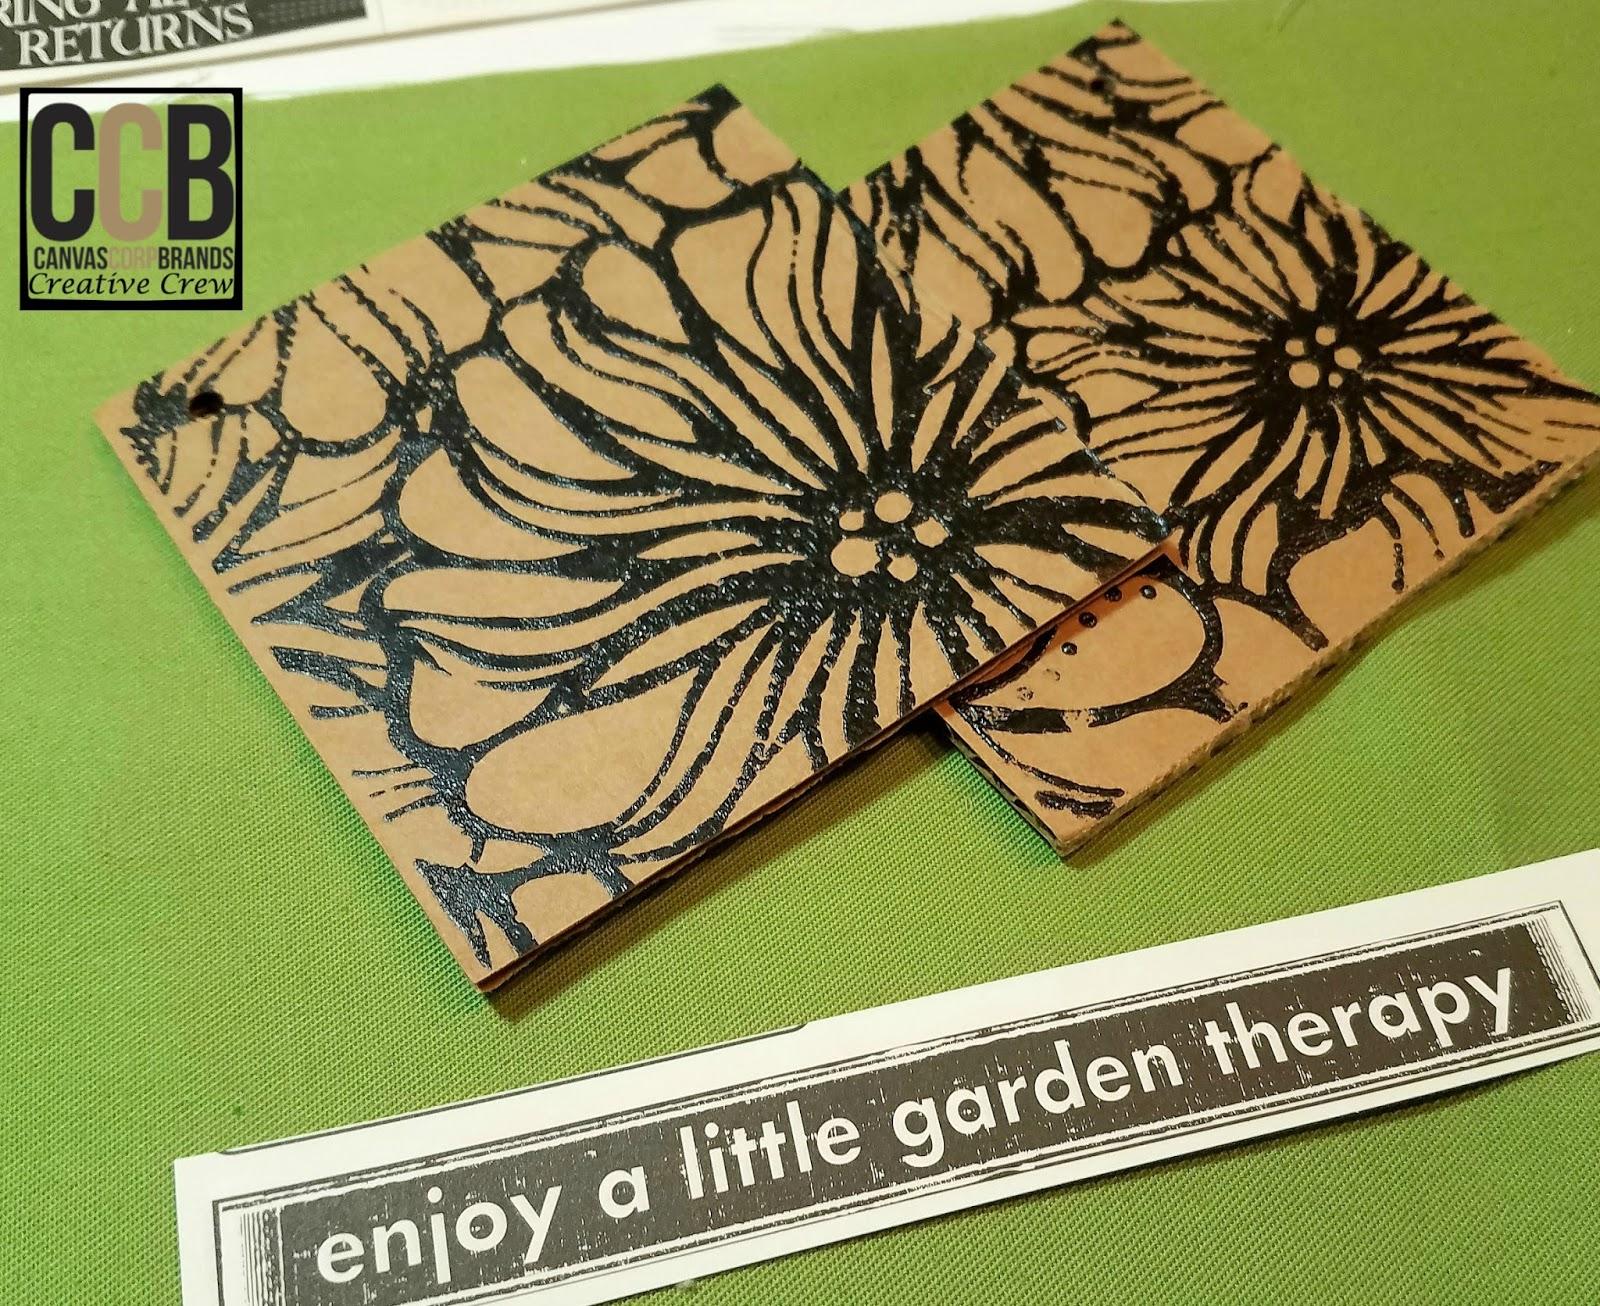 Pretty Byrd Designs: Enjoy a Little Garden Therapy